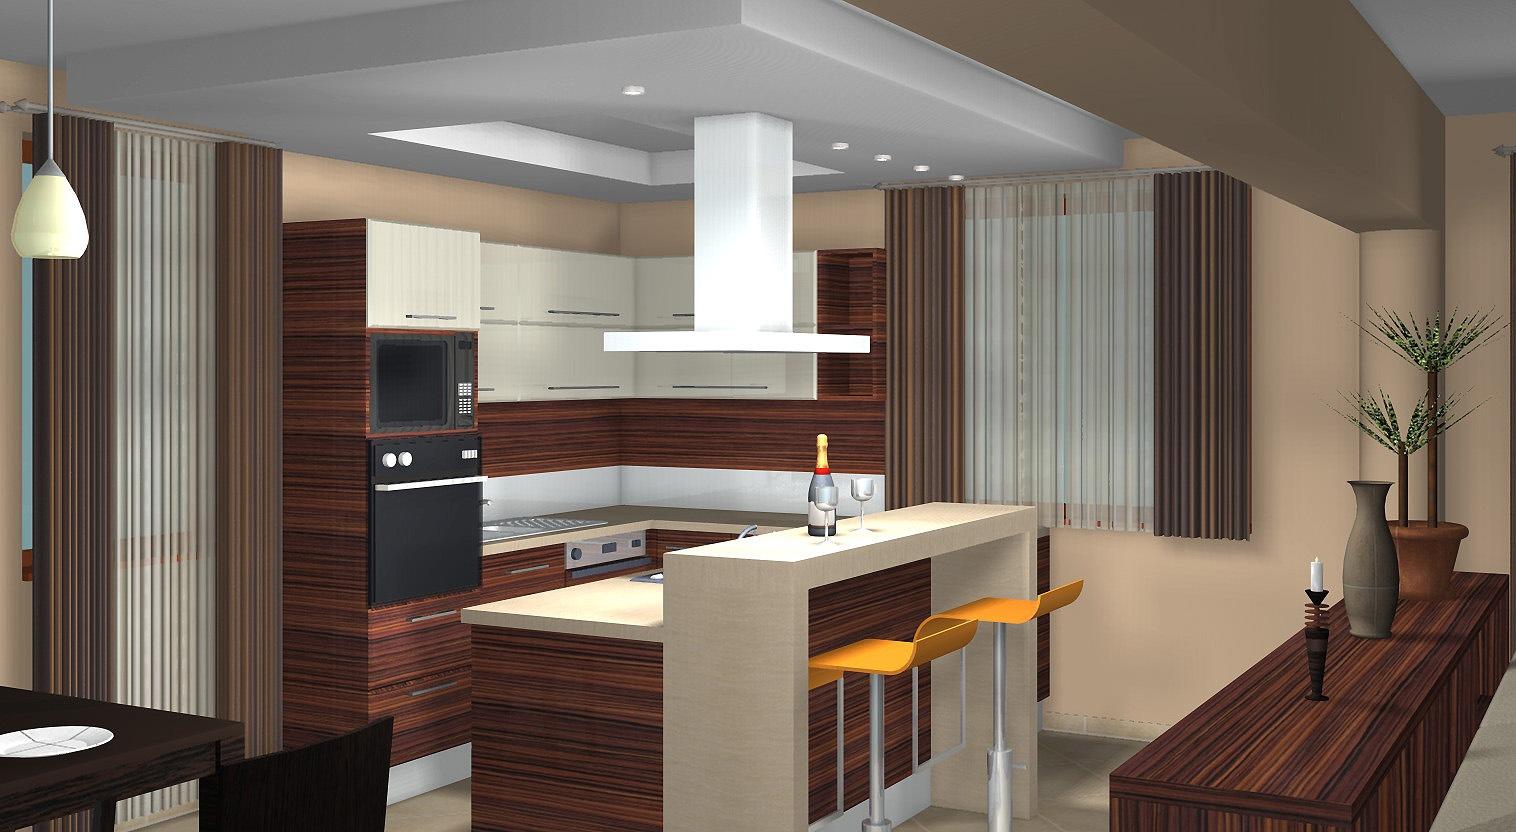 Egyterű nappali-étkező-konyha kialakítása